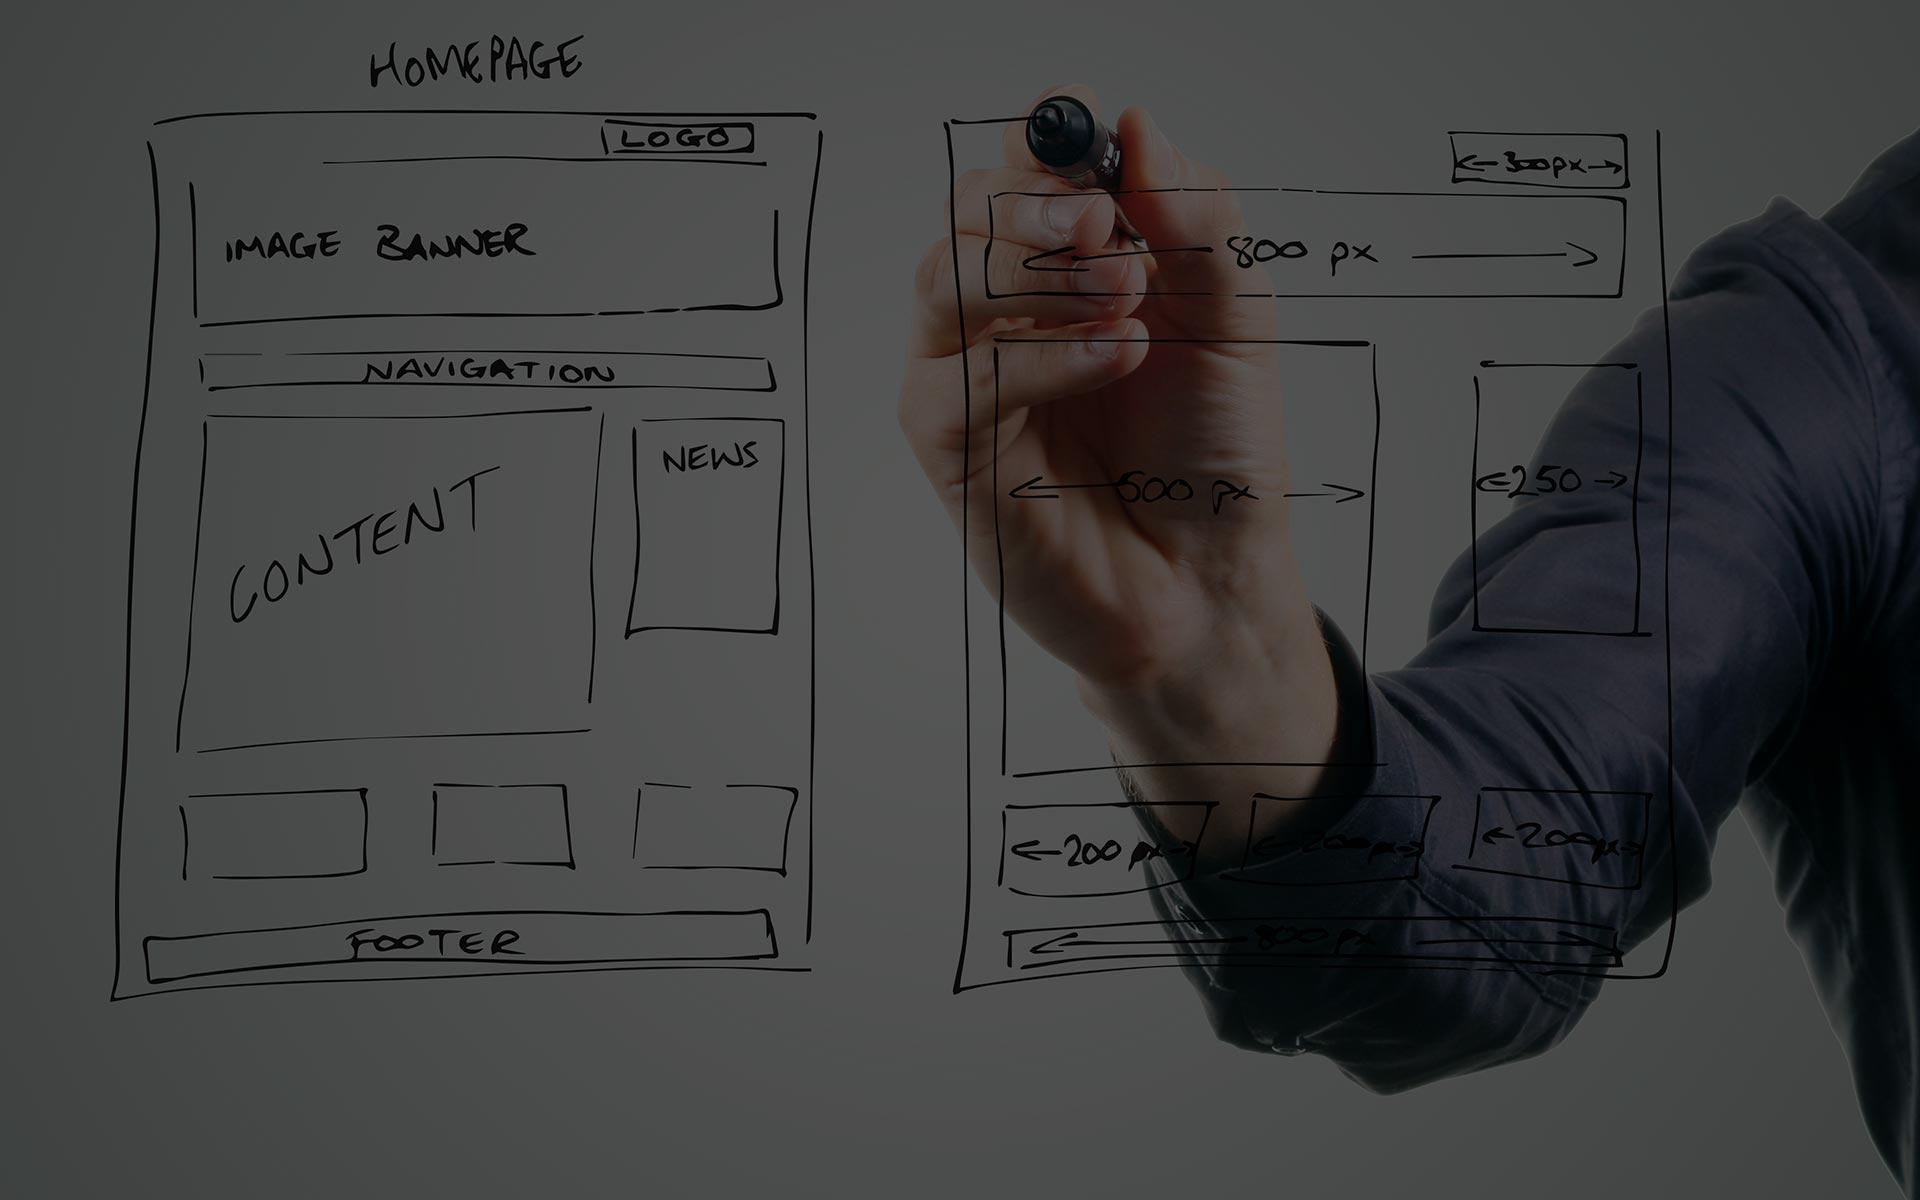 Venda mais com um site profissional!